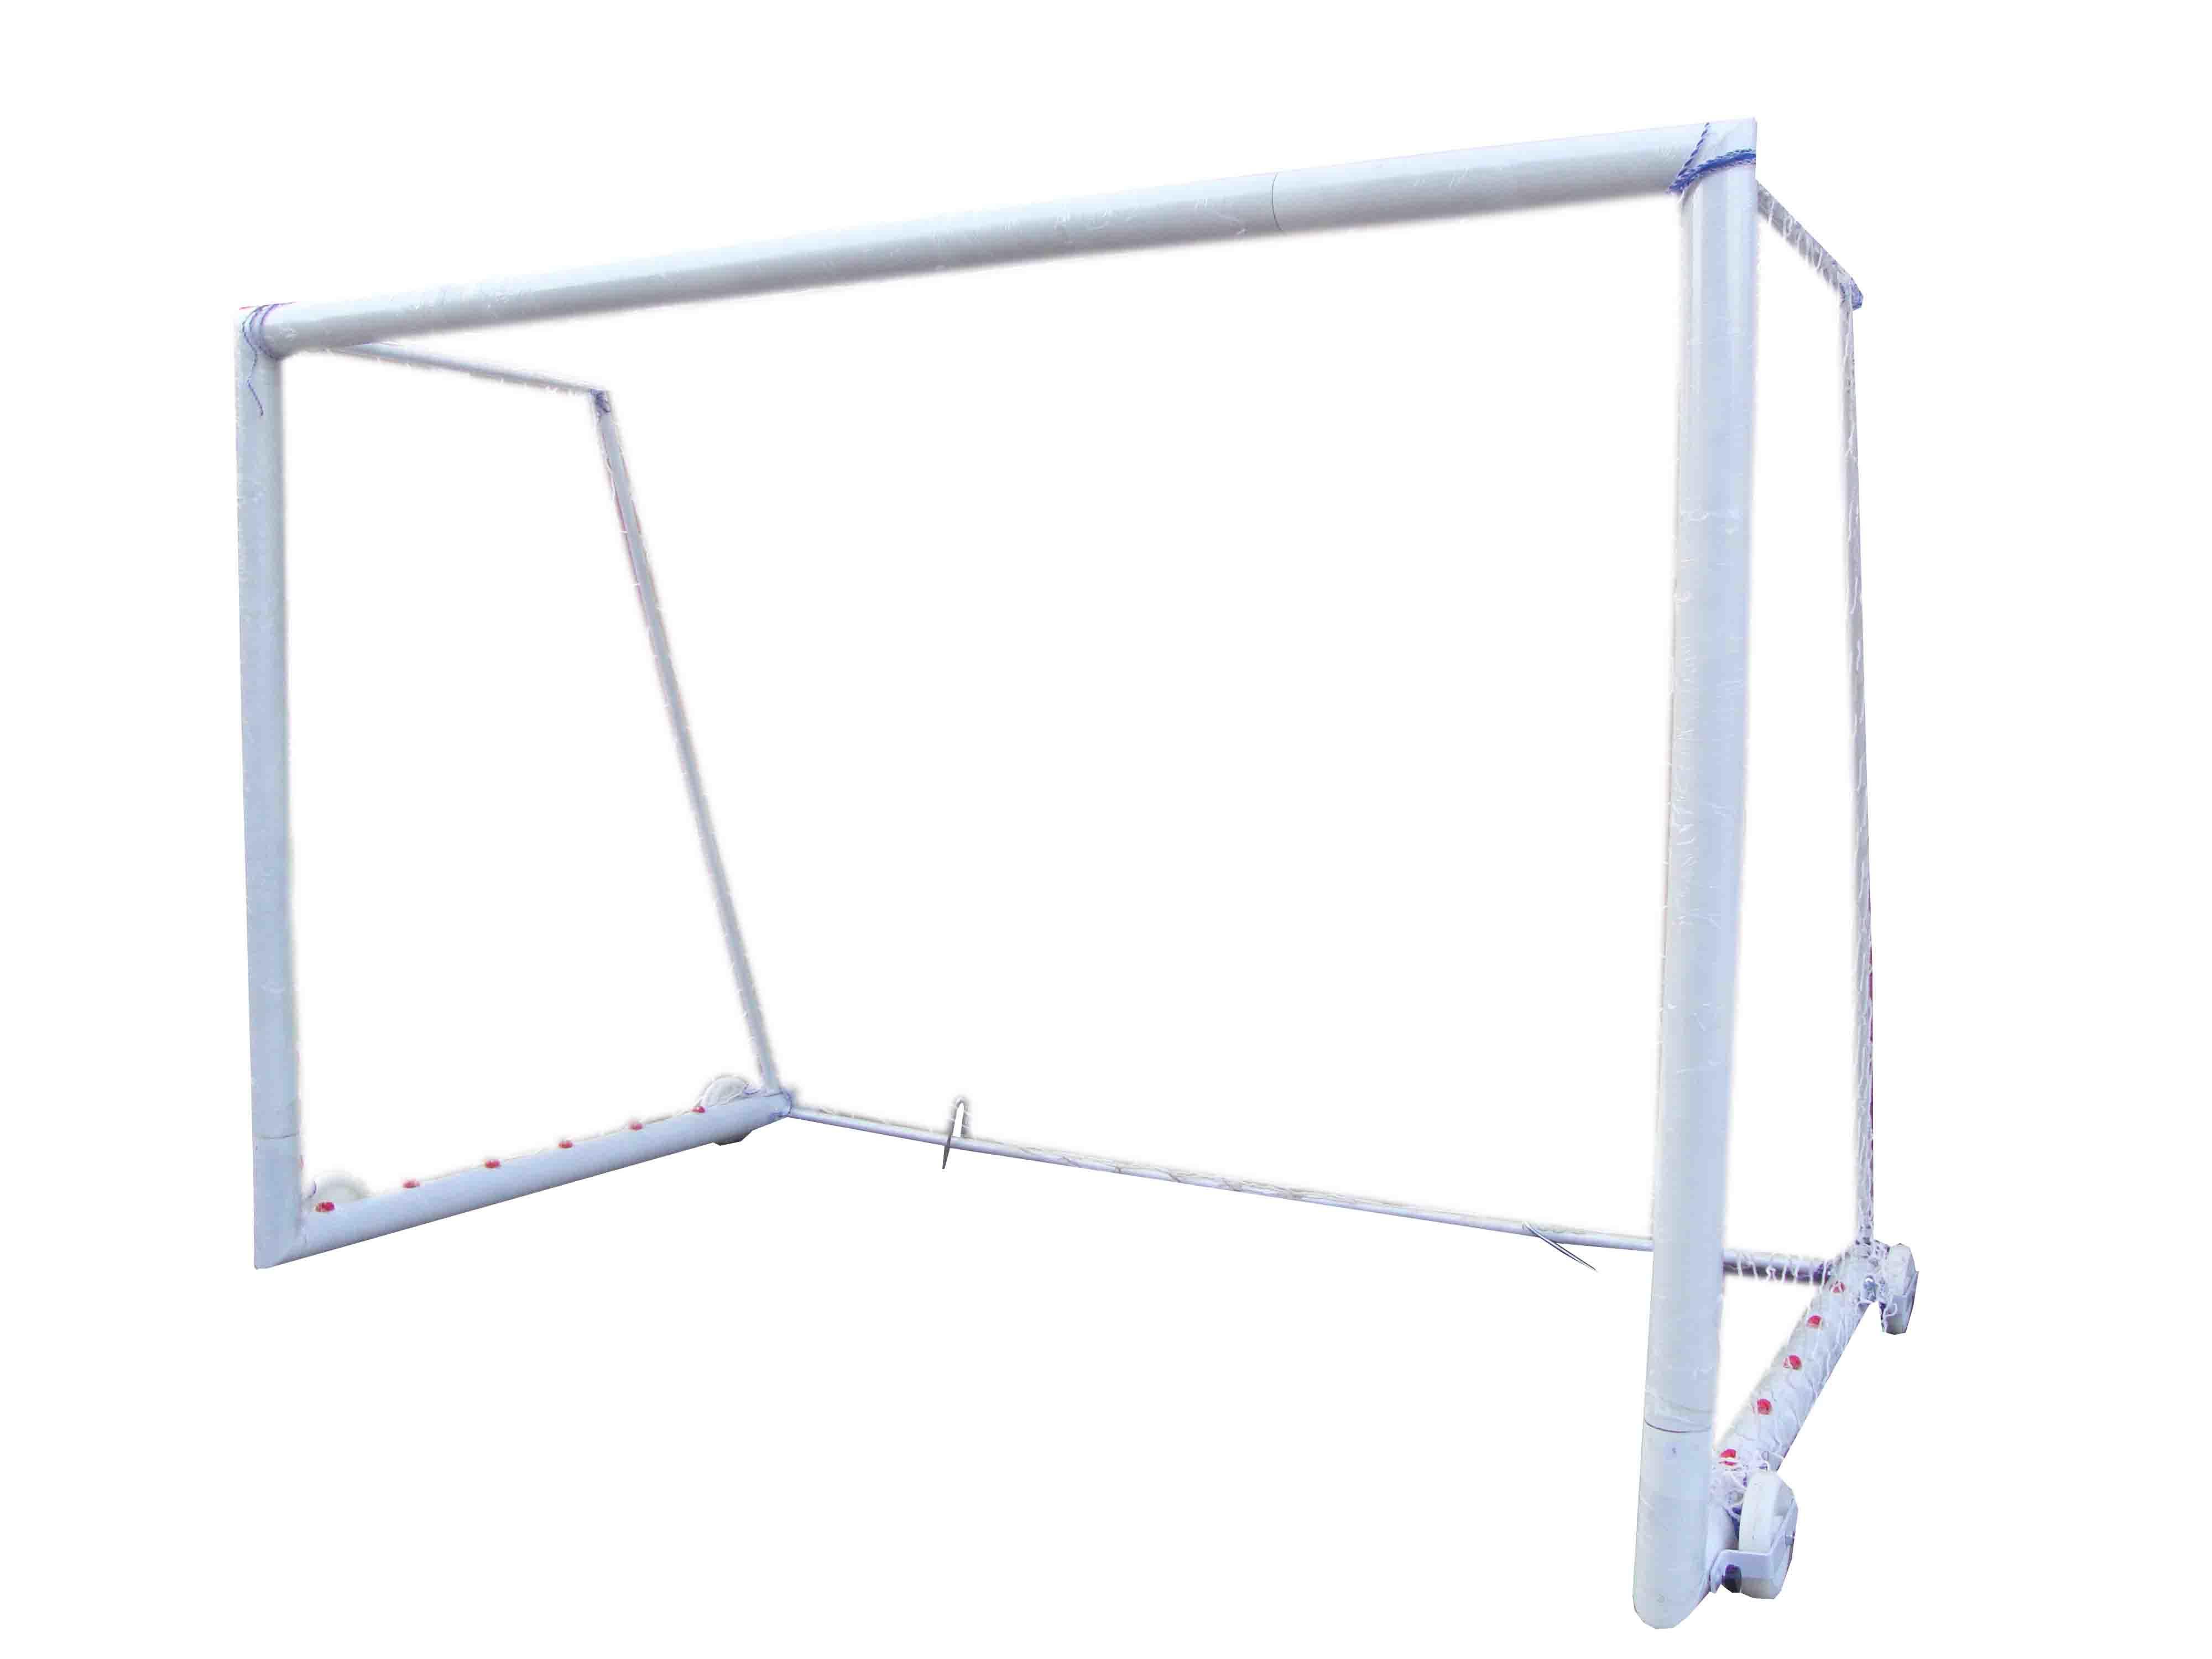 Football Aluminium Portable Goal Post